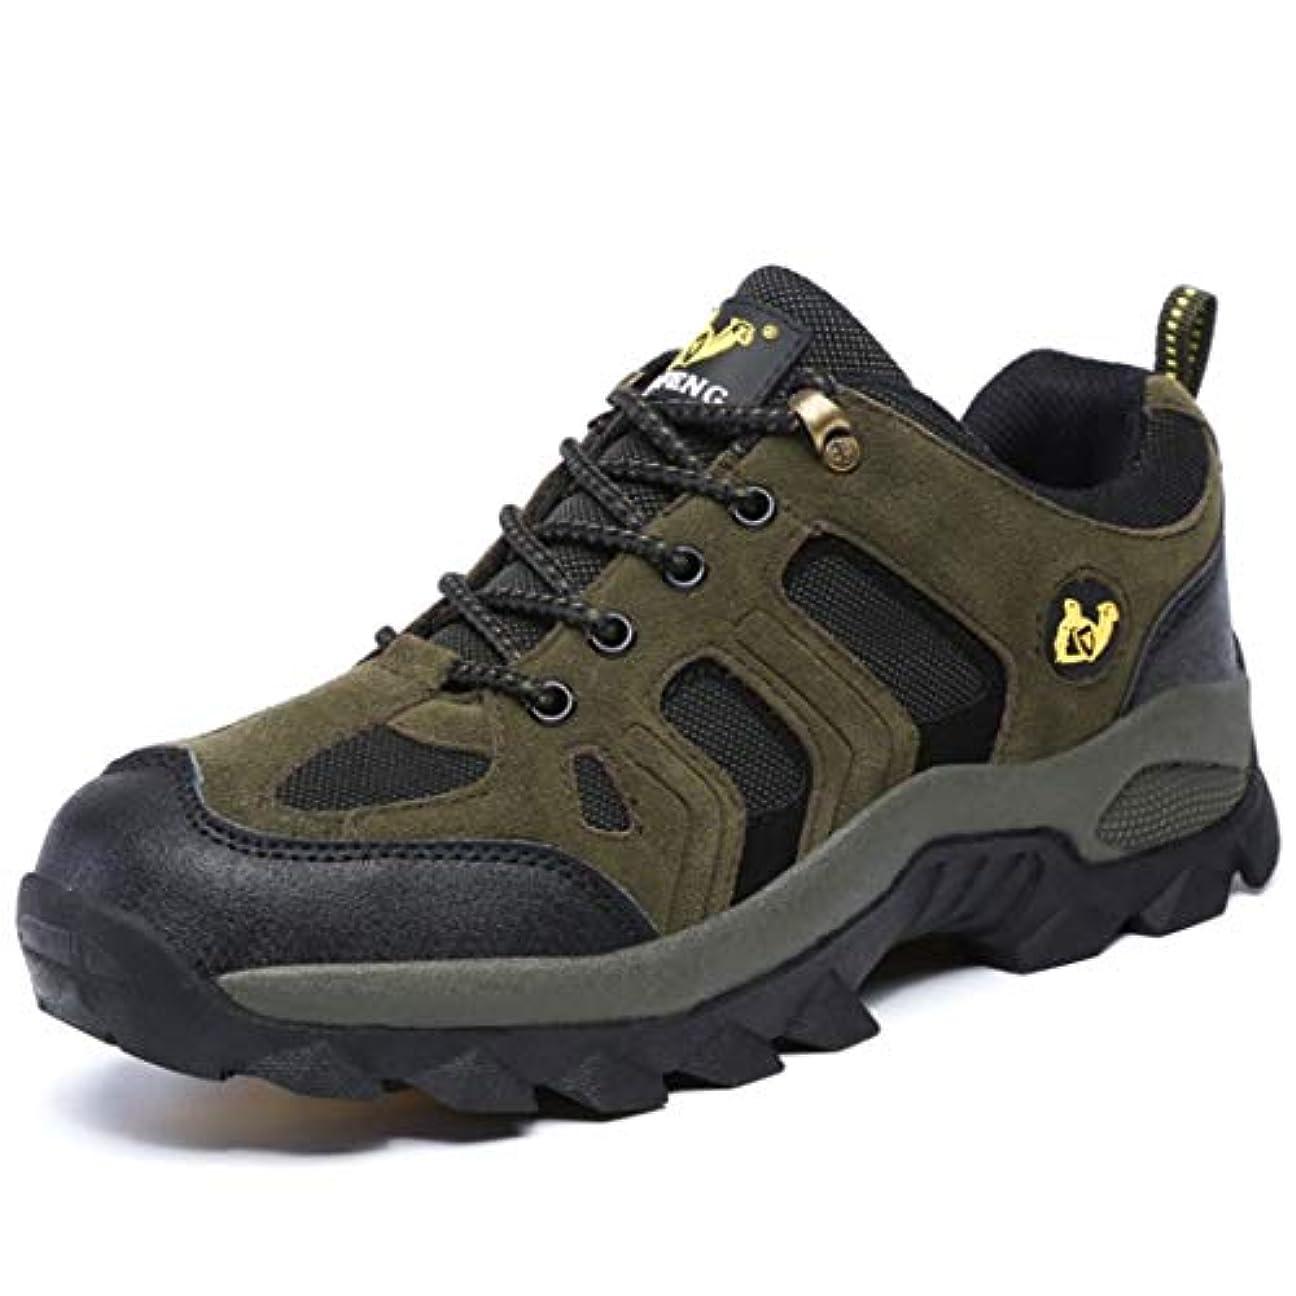 プレフィックス北西衰える[XYZL] 登山靴 24.5cm トレッキングシューズ メンズ アウトドアシューズ ハイキング 山歩き 登山道 四季通用 防滑 滑り止め 通気性 歩きやすい 紐 ハイキングシューズ レディース メンズ スニーカー キャンプ 大きいサイズ ダークグリーン 軽量 耐摩耗性